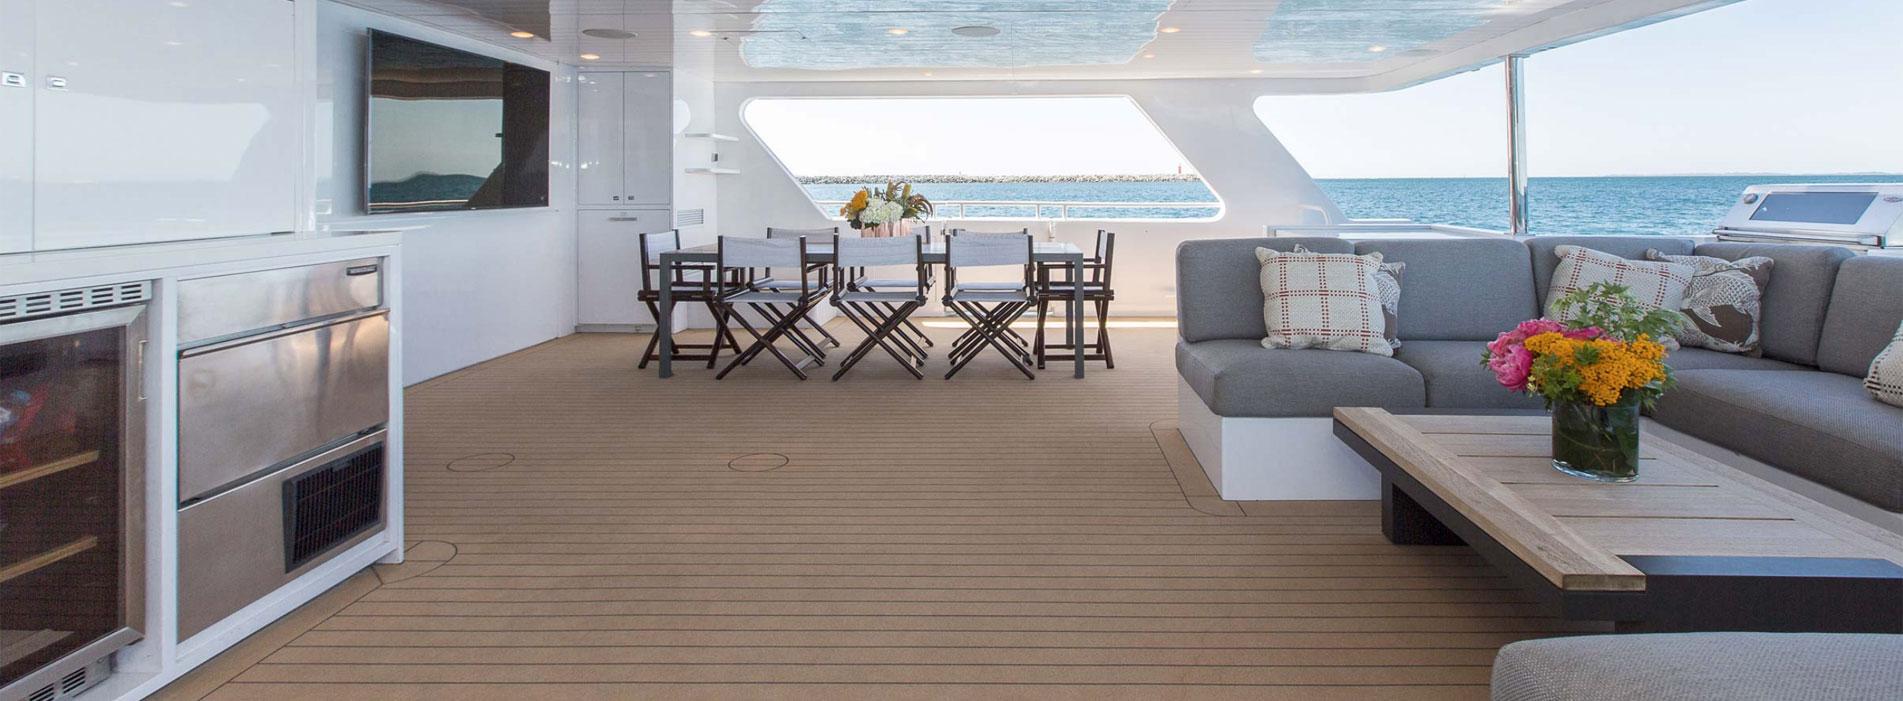 OCEAN-DREAM-back-dining-area-kitchenette